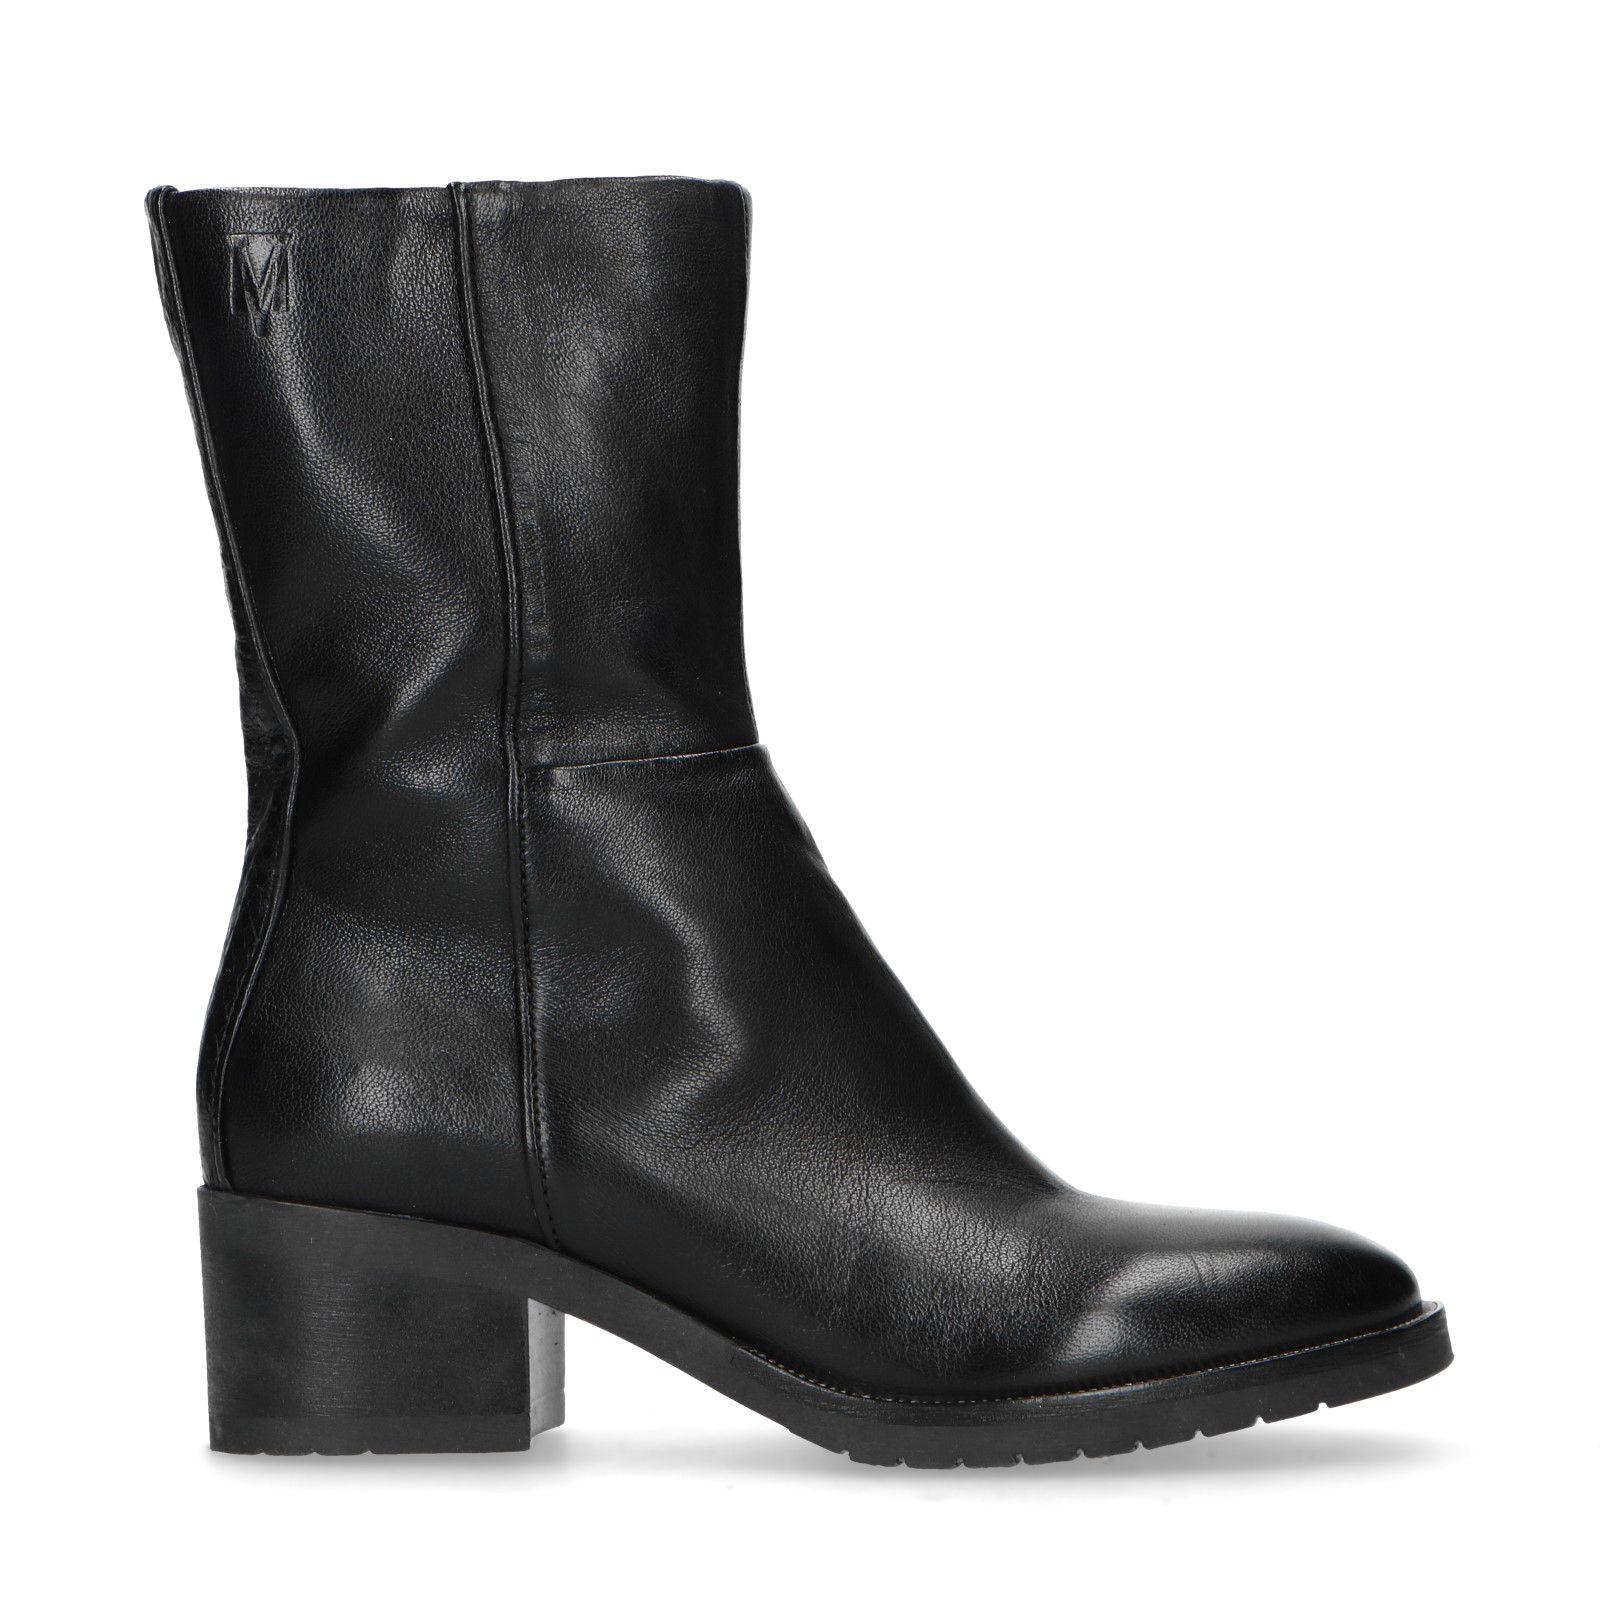 Zwarte korte laarzen met lage hak Dames | MANFIELD